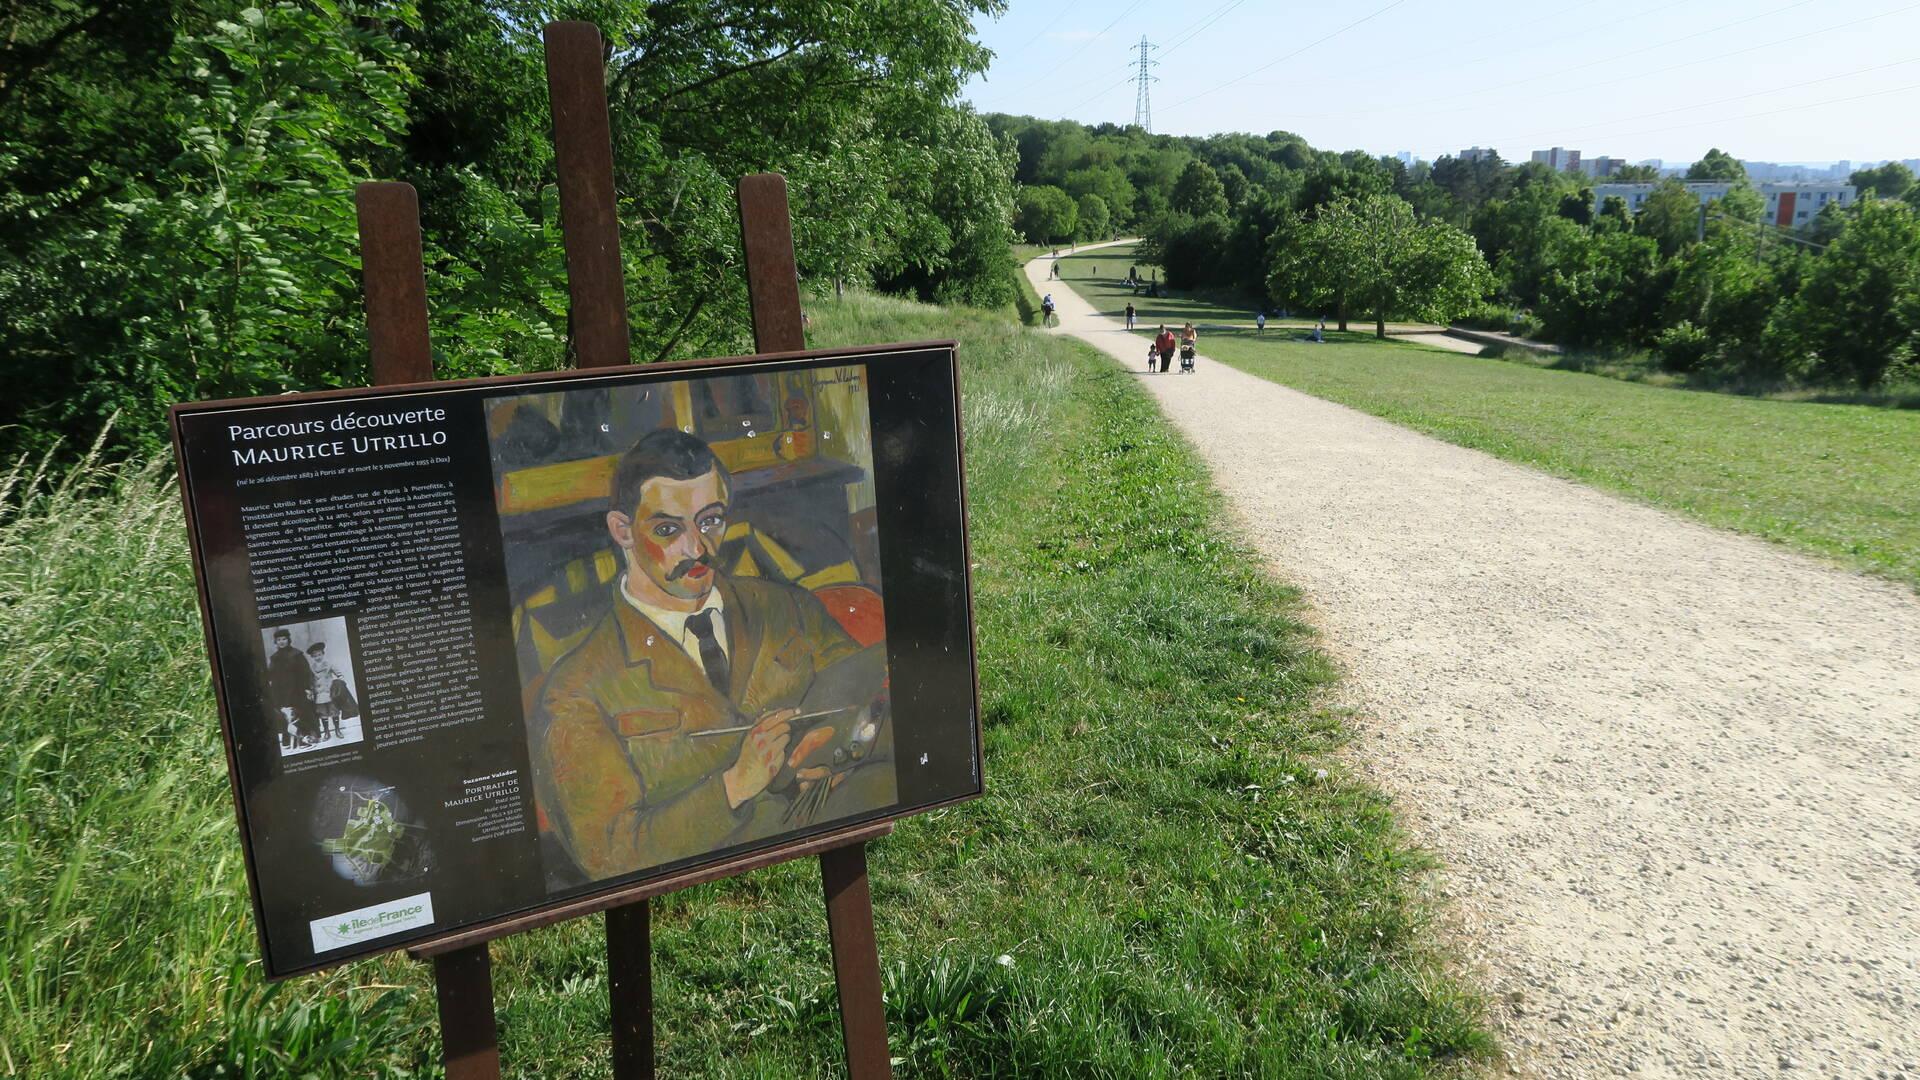 Parc de la Butte Pinson à Villetaneuse - Office de tourisme Plaine Commune Grand Paris